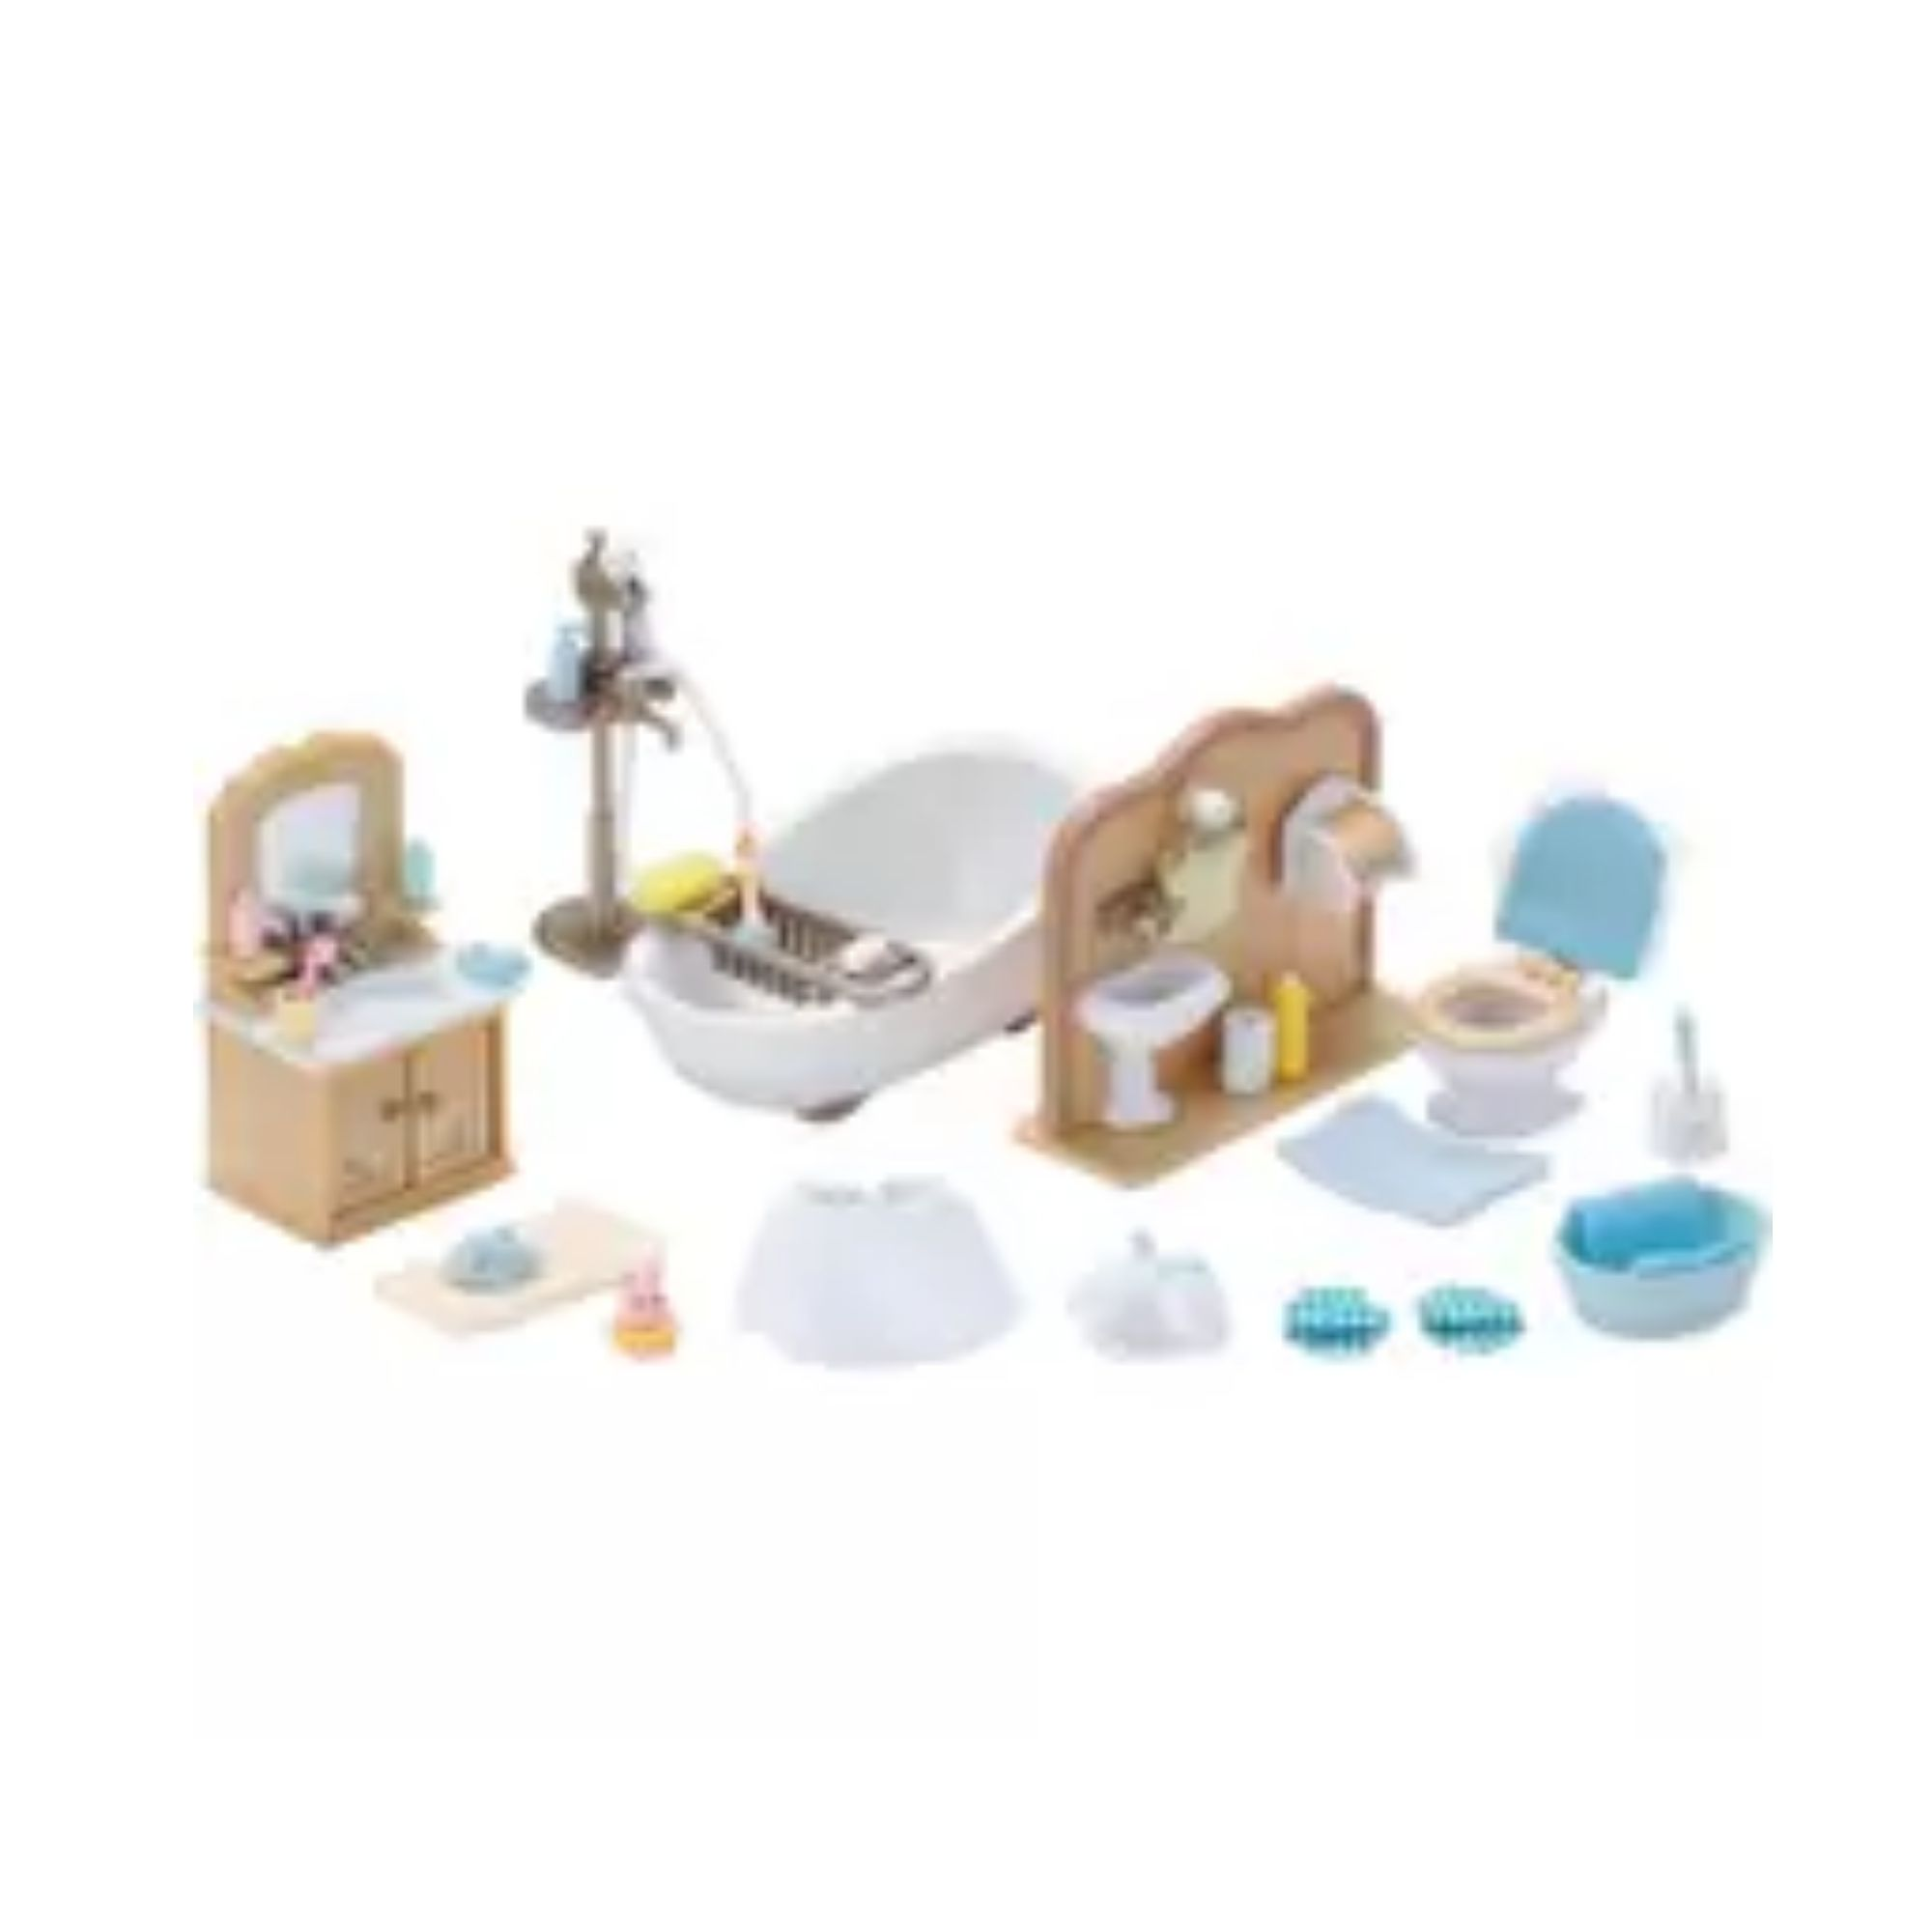 Brinquedo Sylvanian Families Conjunto Toalete e Banho 5286 Epoch  - Game Land Brinquedos